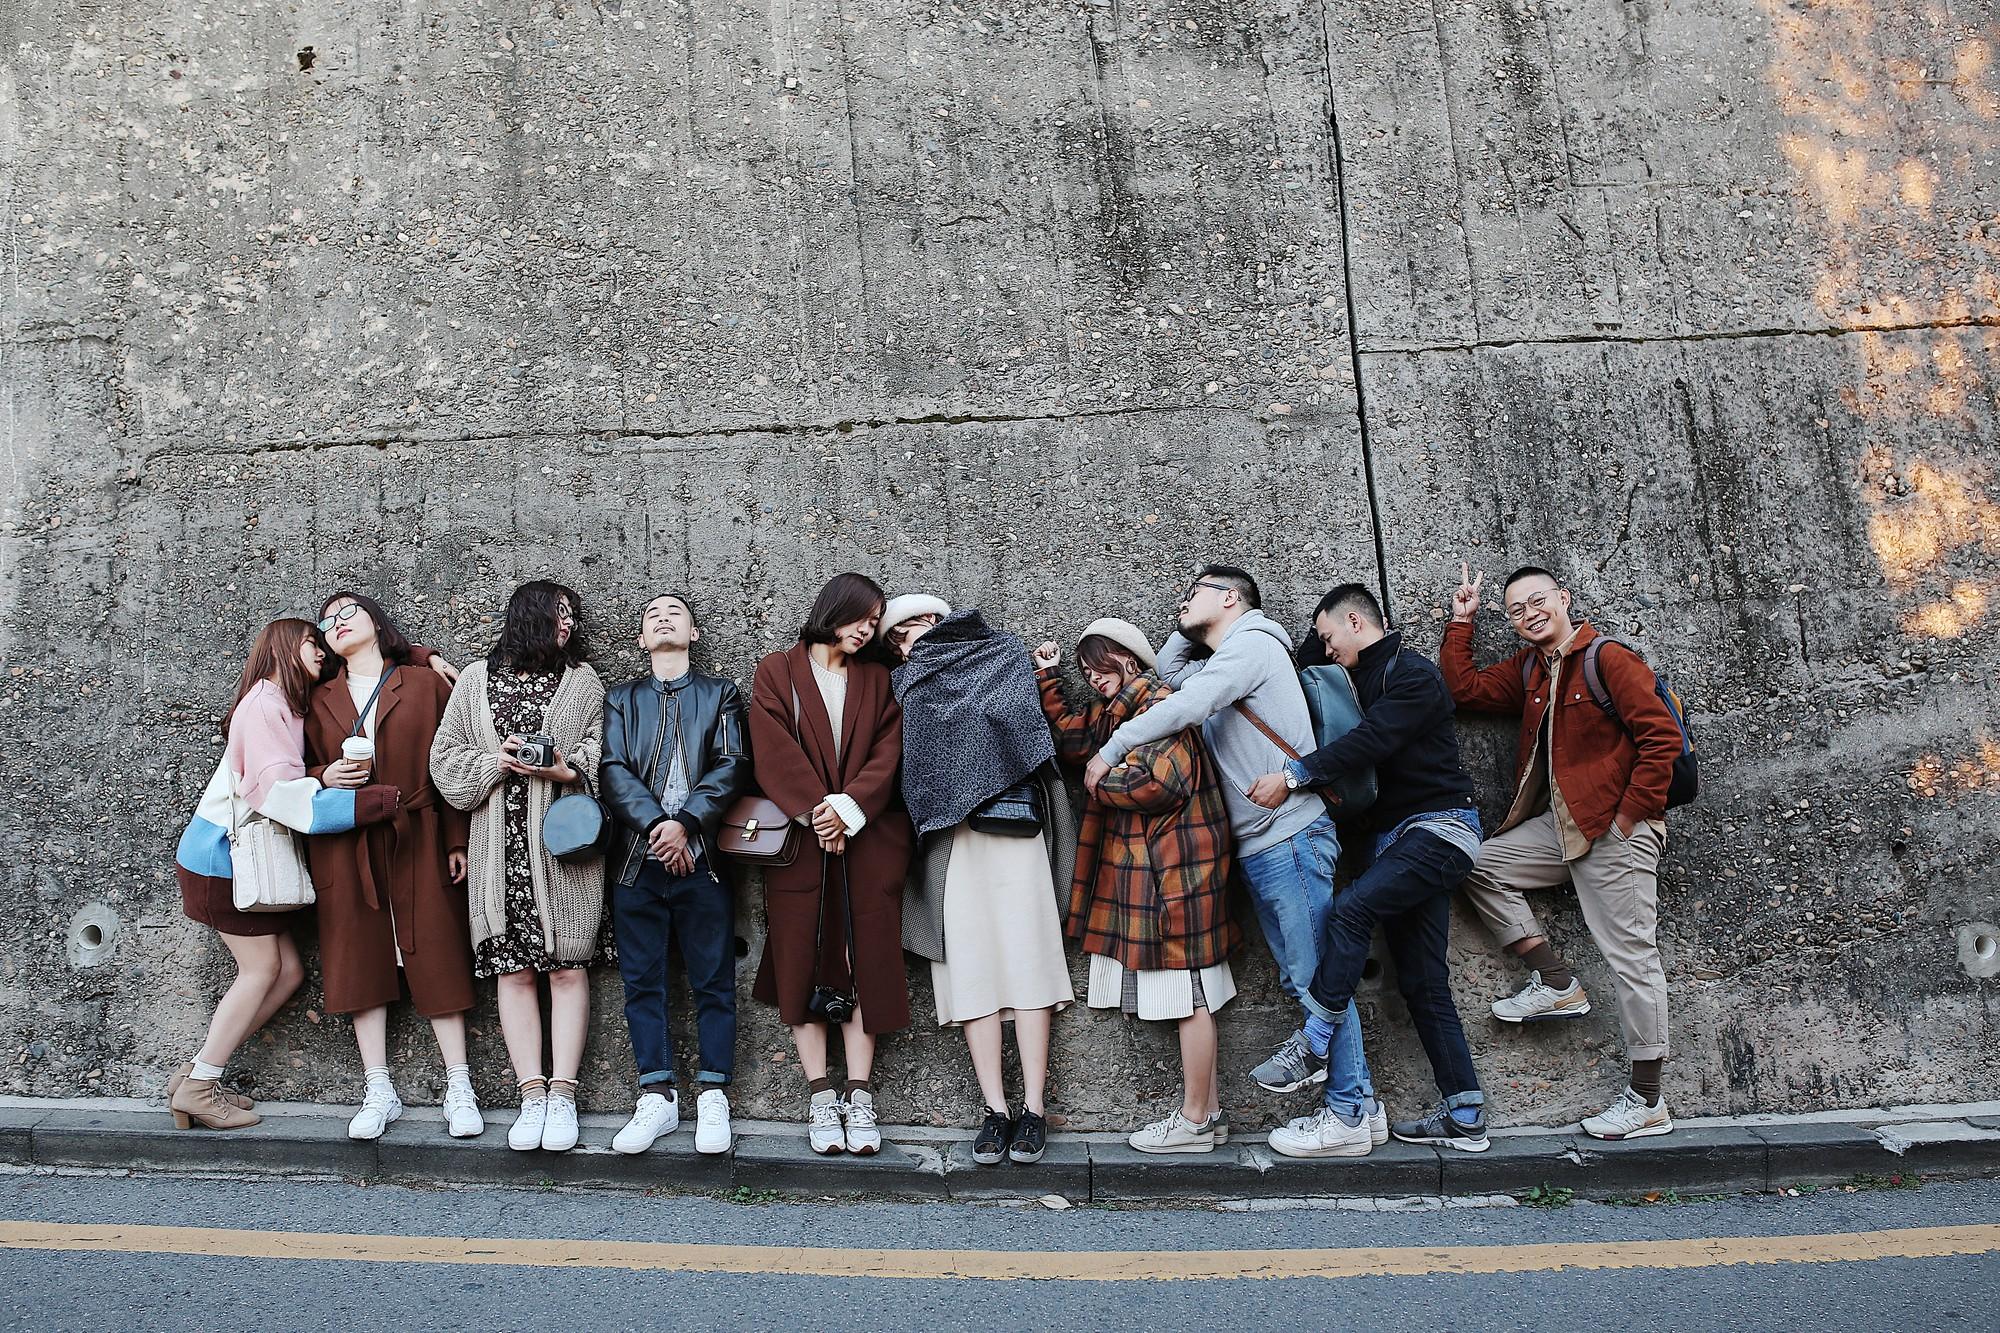 Ảnh đi Hàn tuyệt đẹp của An Toe: Du lịch nhóm, lên concept áo quần quan trọng như... mua vé máy bay! - Ảnh 4.